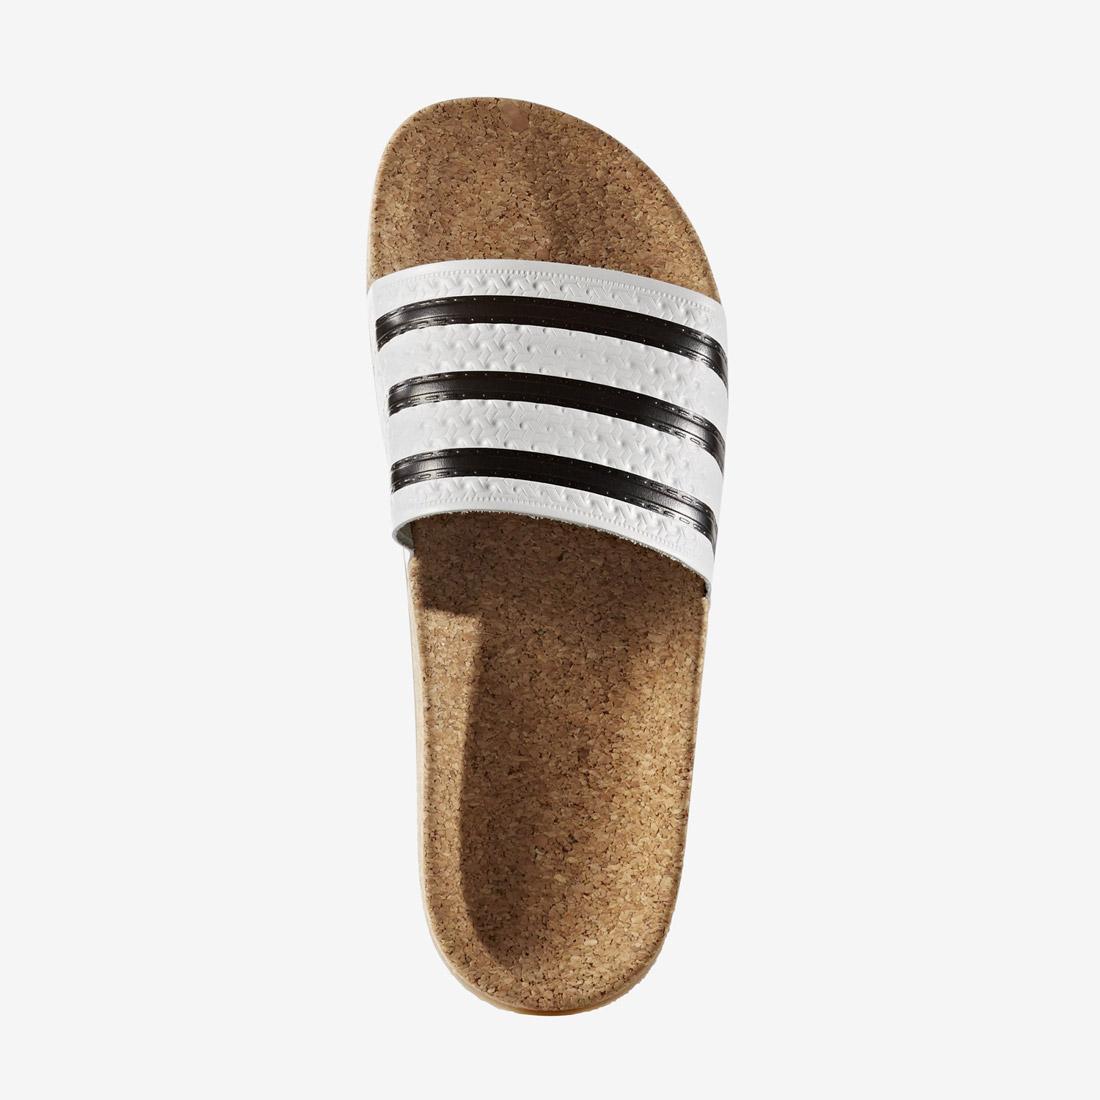 adidas Originals adilette — korkové pantofle — slides — dámské — černo-bílé — nazouváky na léto